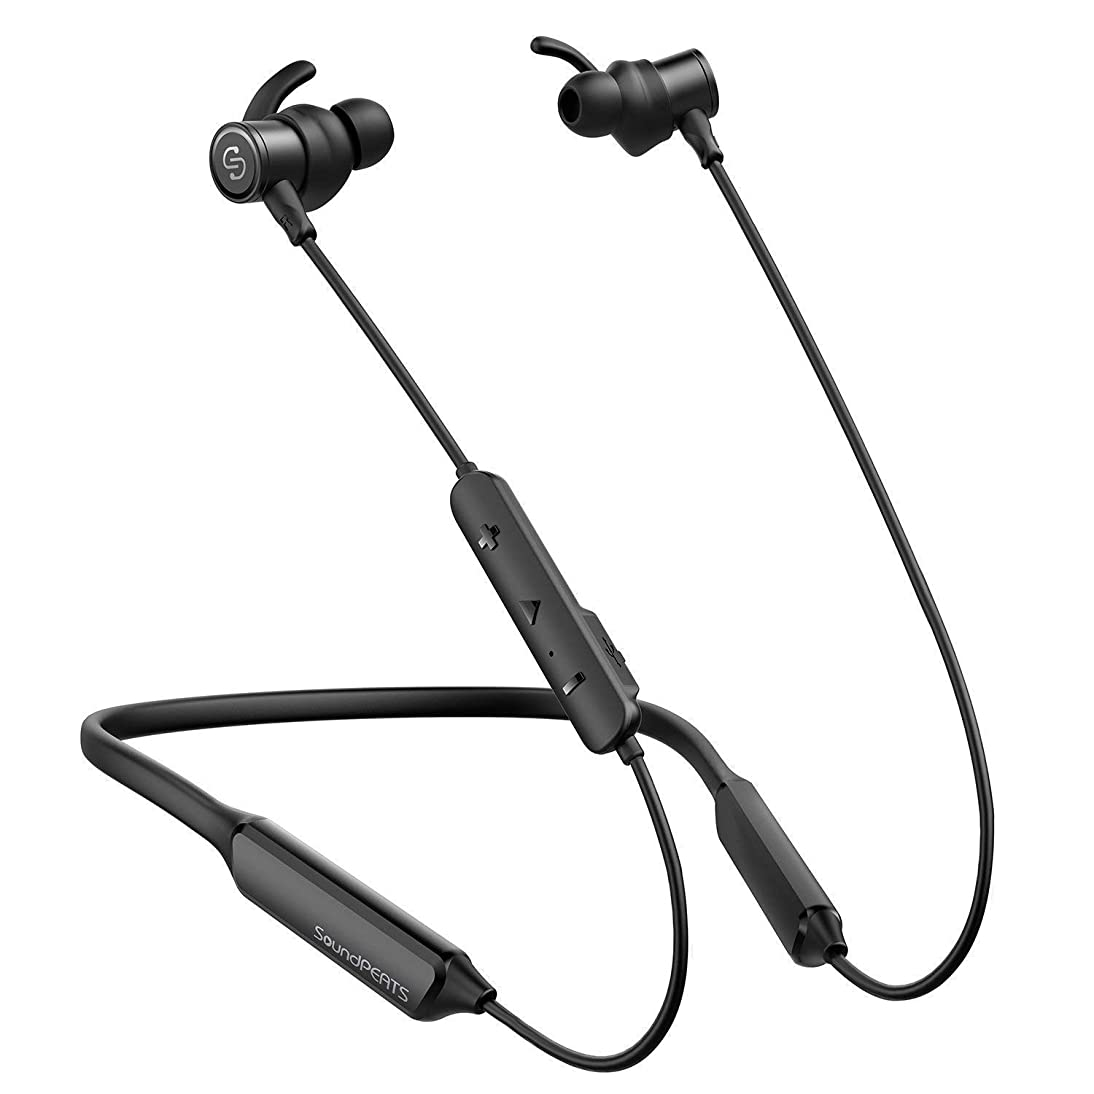 トンネル感謝する佐賀SoundPEATS(サウンドピーツ) Bluetooth イヤホン 重低音 10MMドライバー採用 [メーカー1年保証] 20時間連続再生&300時間待機時間 apt-Xコーデック対応 IPX5防水&防汗 CVC6.0ノイズキャンセリング 医療用グレードのシリコーン採用 マイク付き マイク内蔵 ネックバンド型 スポーツ イヤホン iPhone &Android 対応 Bluetooth ヘッドホン (Black)